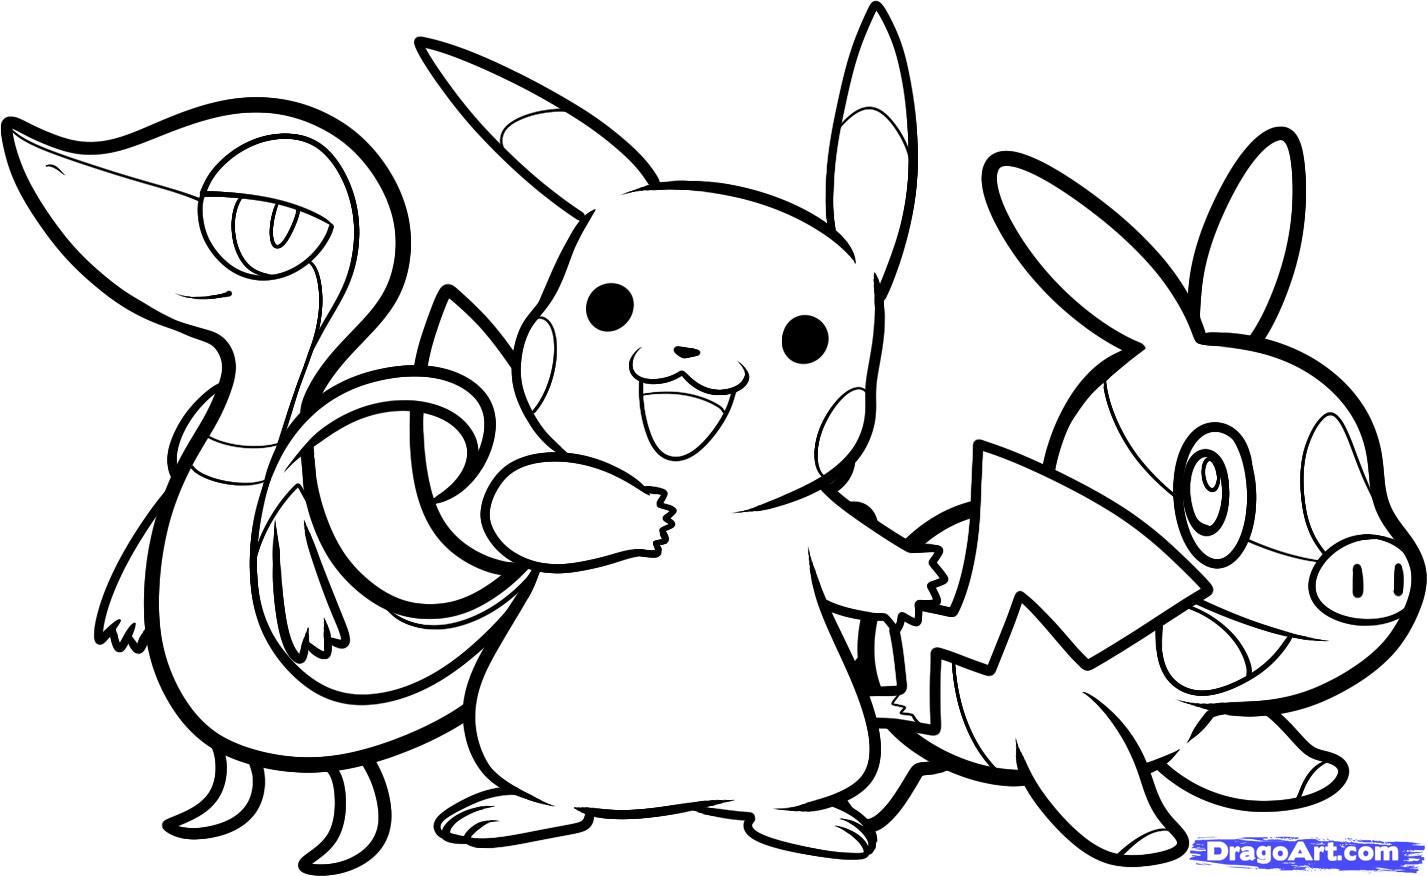 Dessins Gratuits À Colorier - Coloriage Pokemon Pikachu À tout Coloriage De Pokémon Gratuit